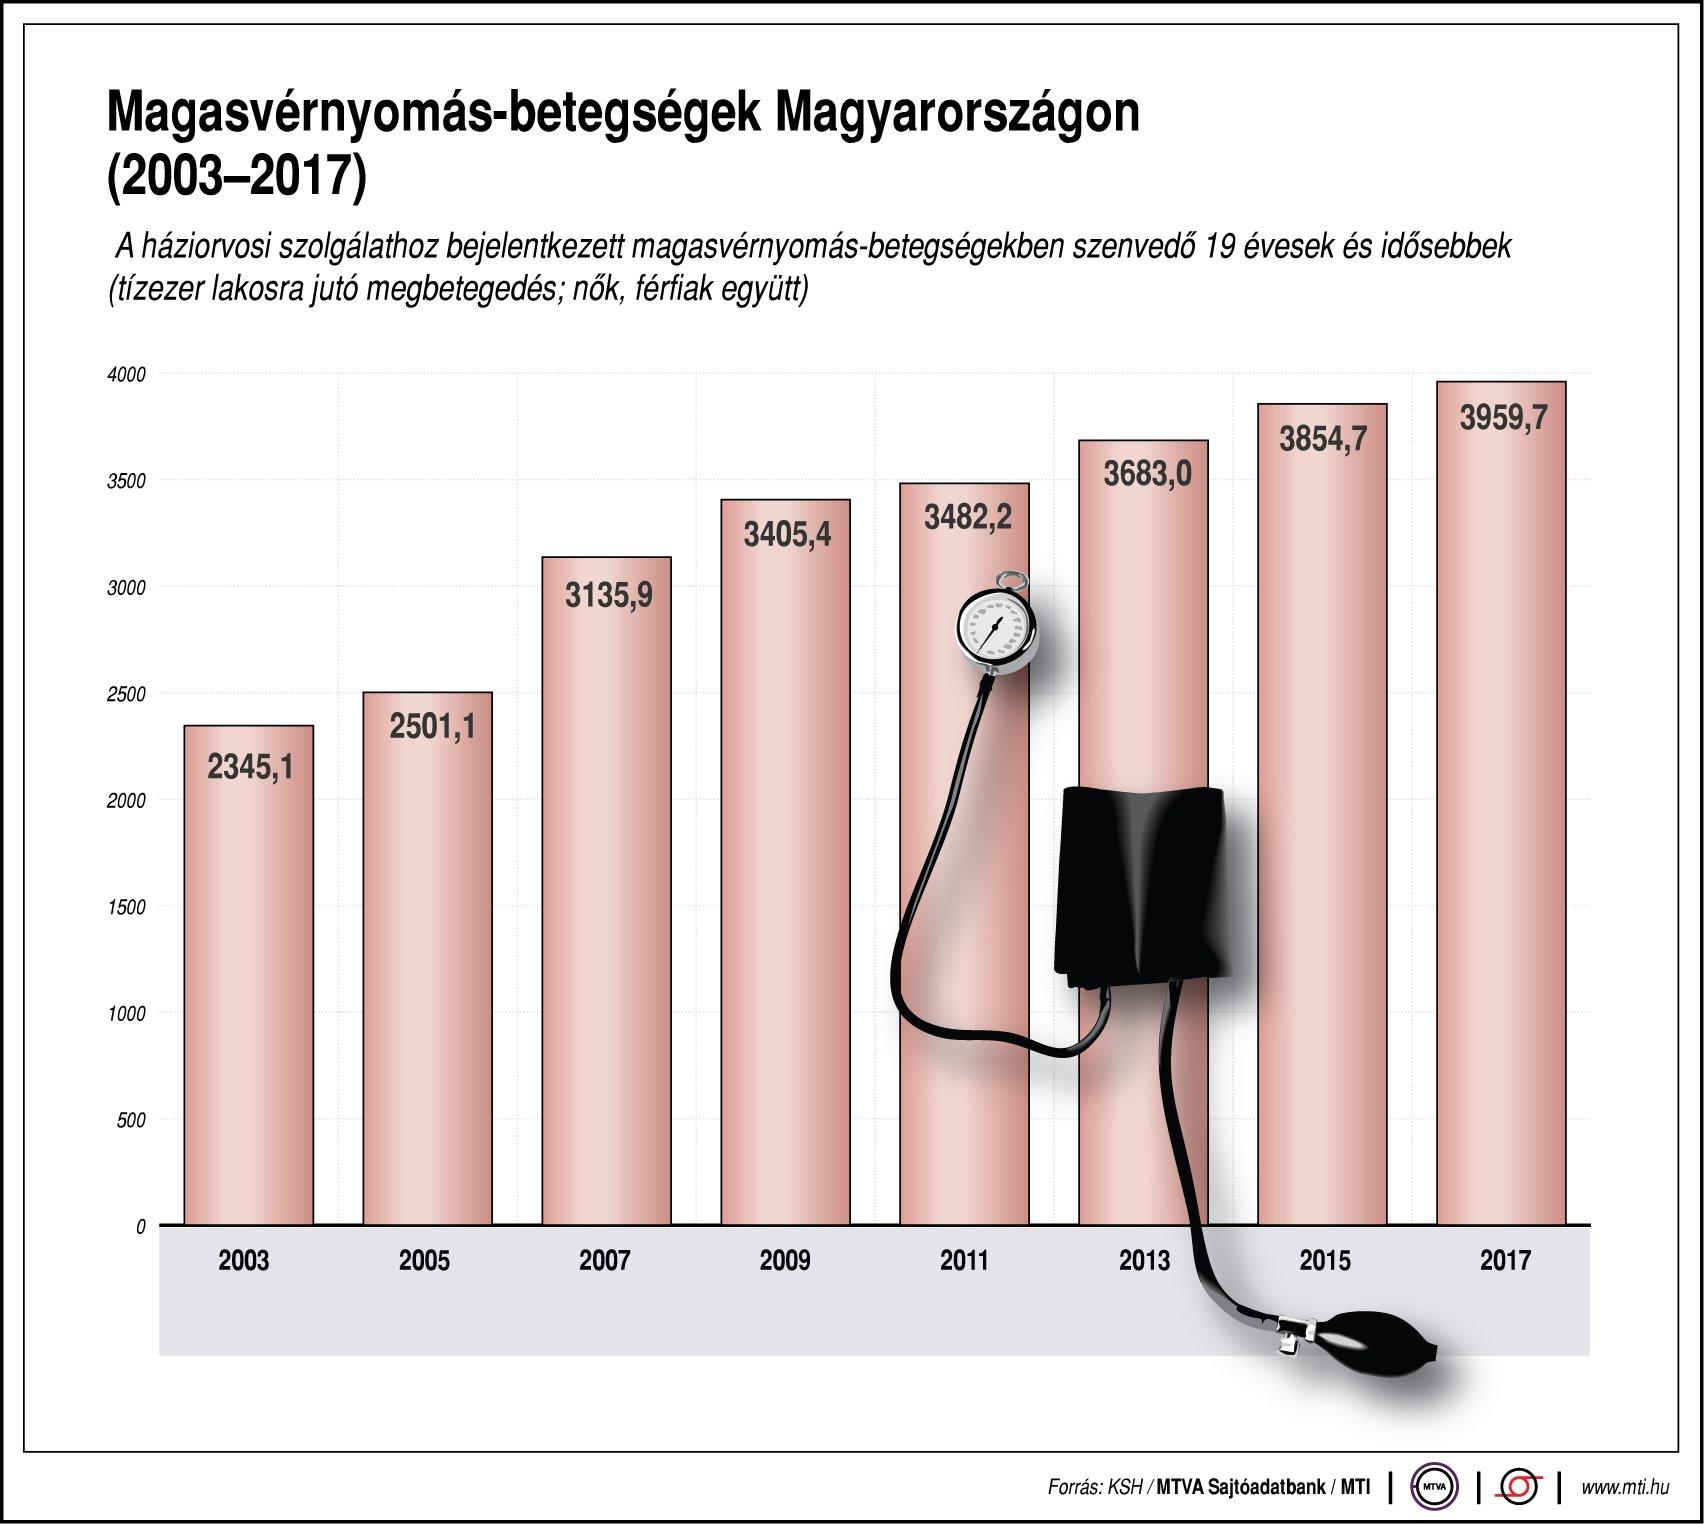 magas vérnyomás és napi adagolás)